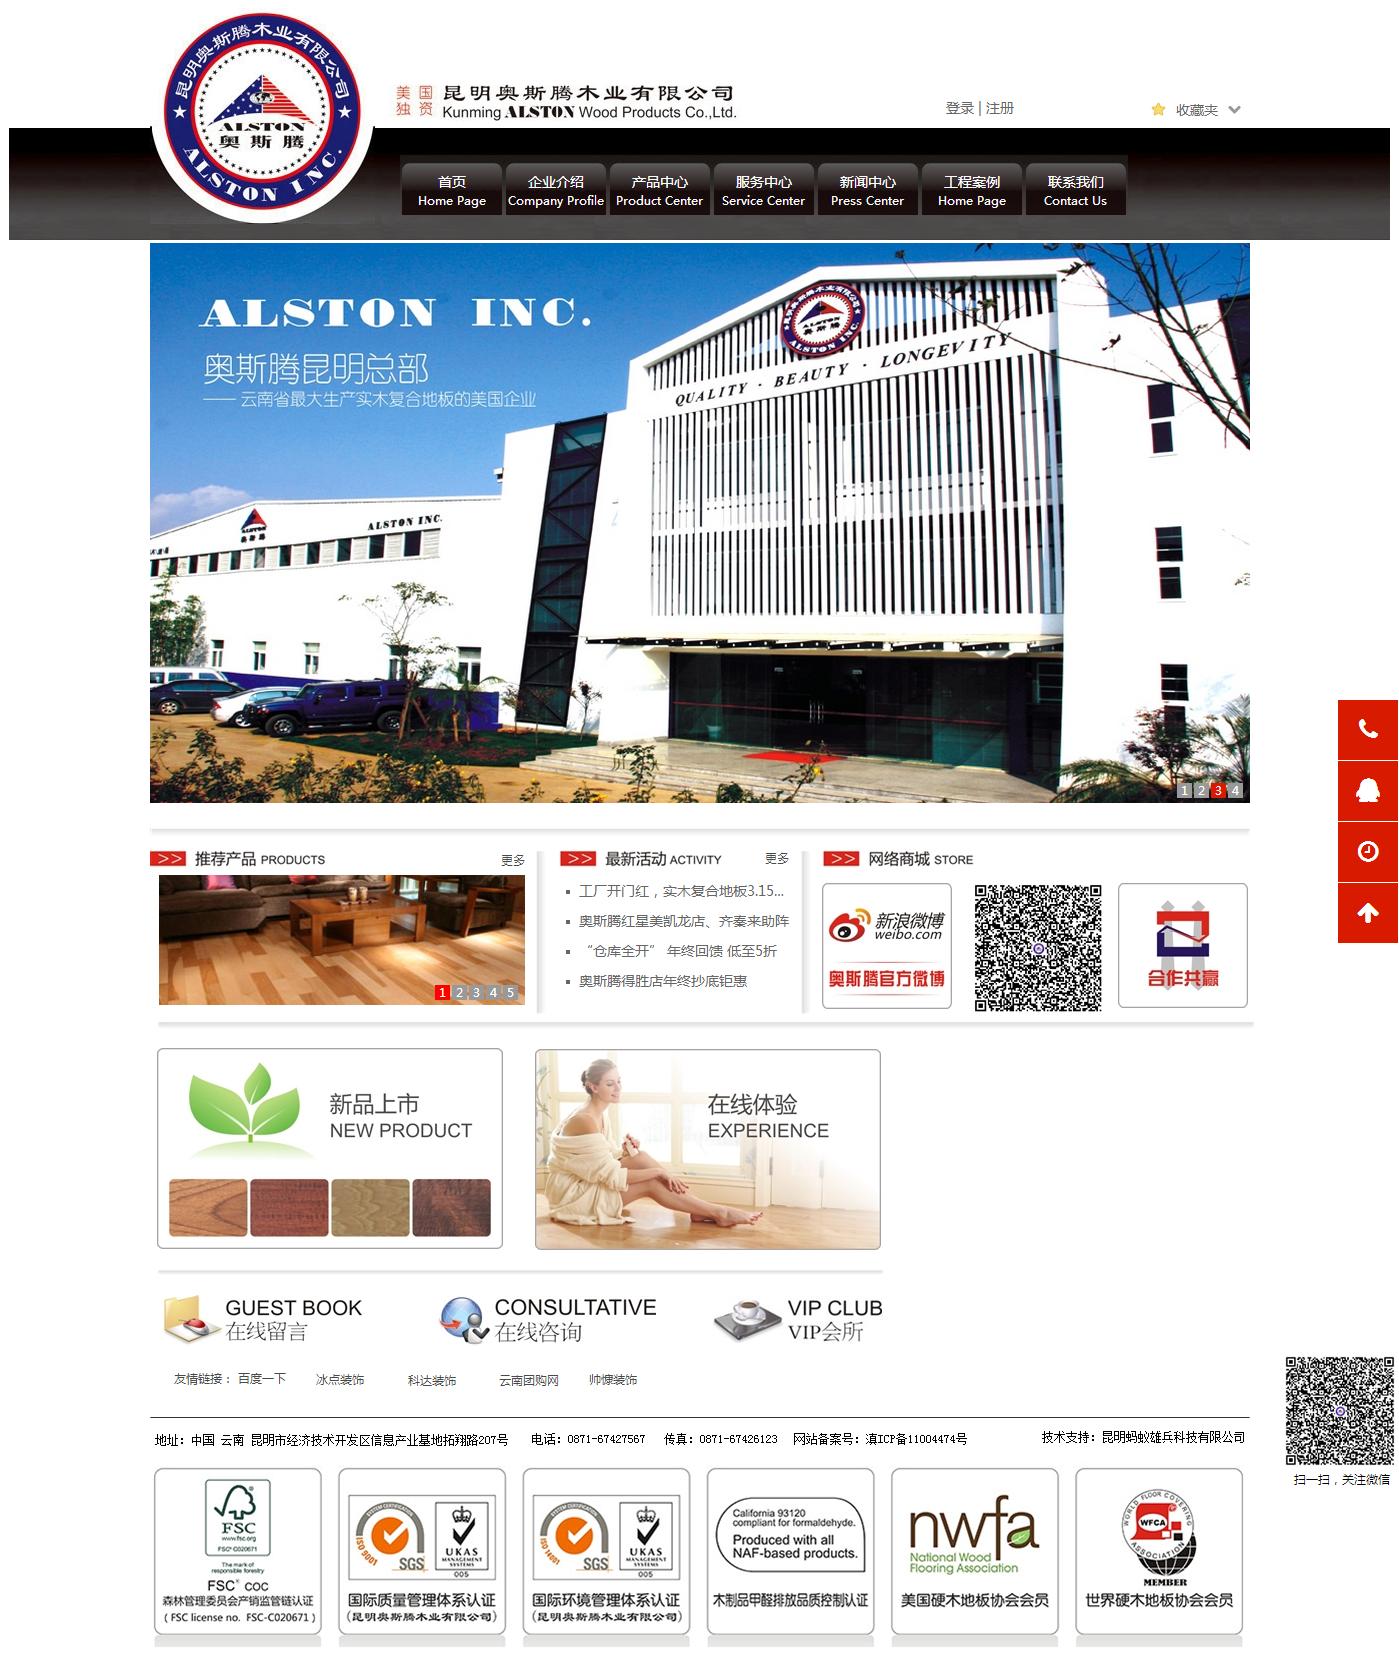 奥斯滕网站建设案例